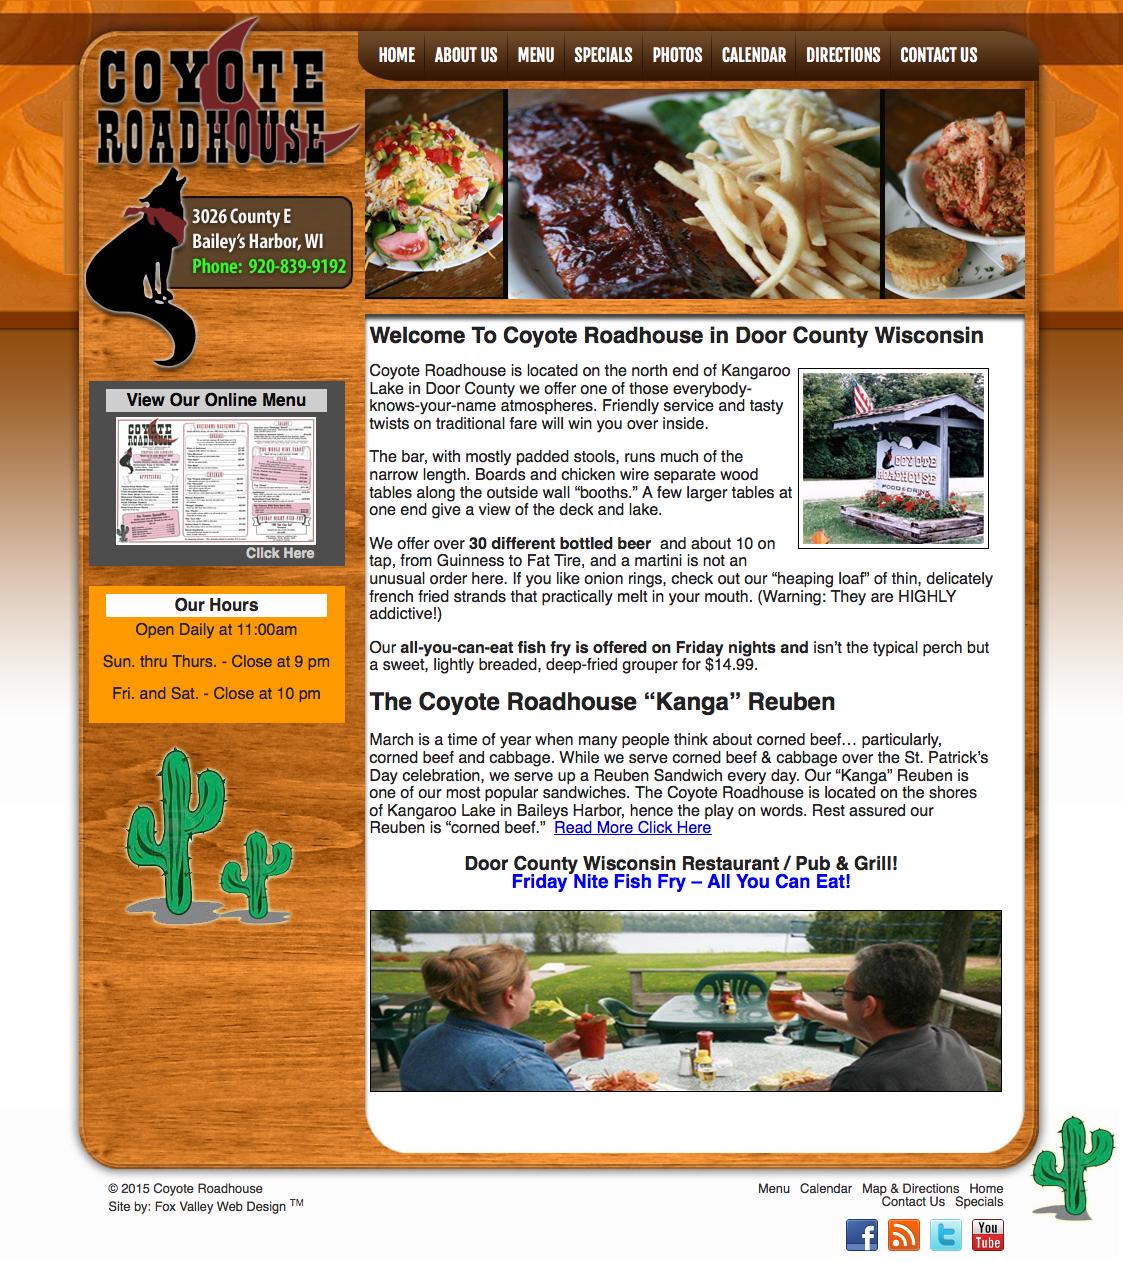 Door County Wisconsin website designers,Coyote Roadhouse, Kangaroo Lake in Door County,things to do in Door County,place to eat in Door County,door county web developers